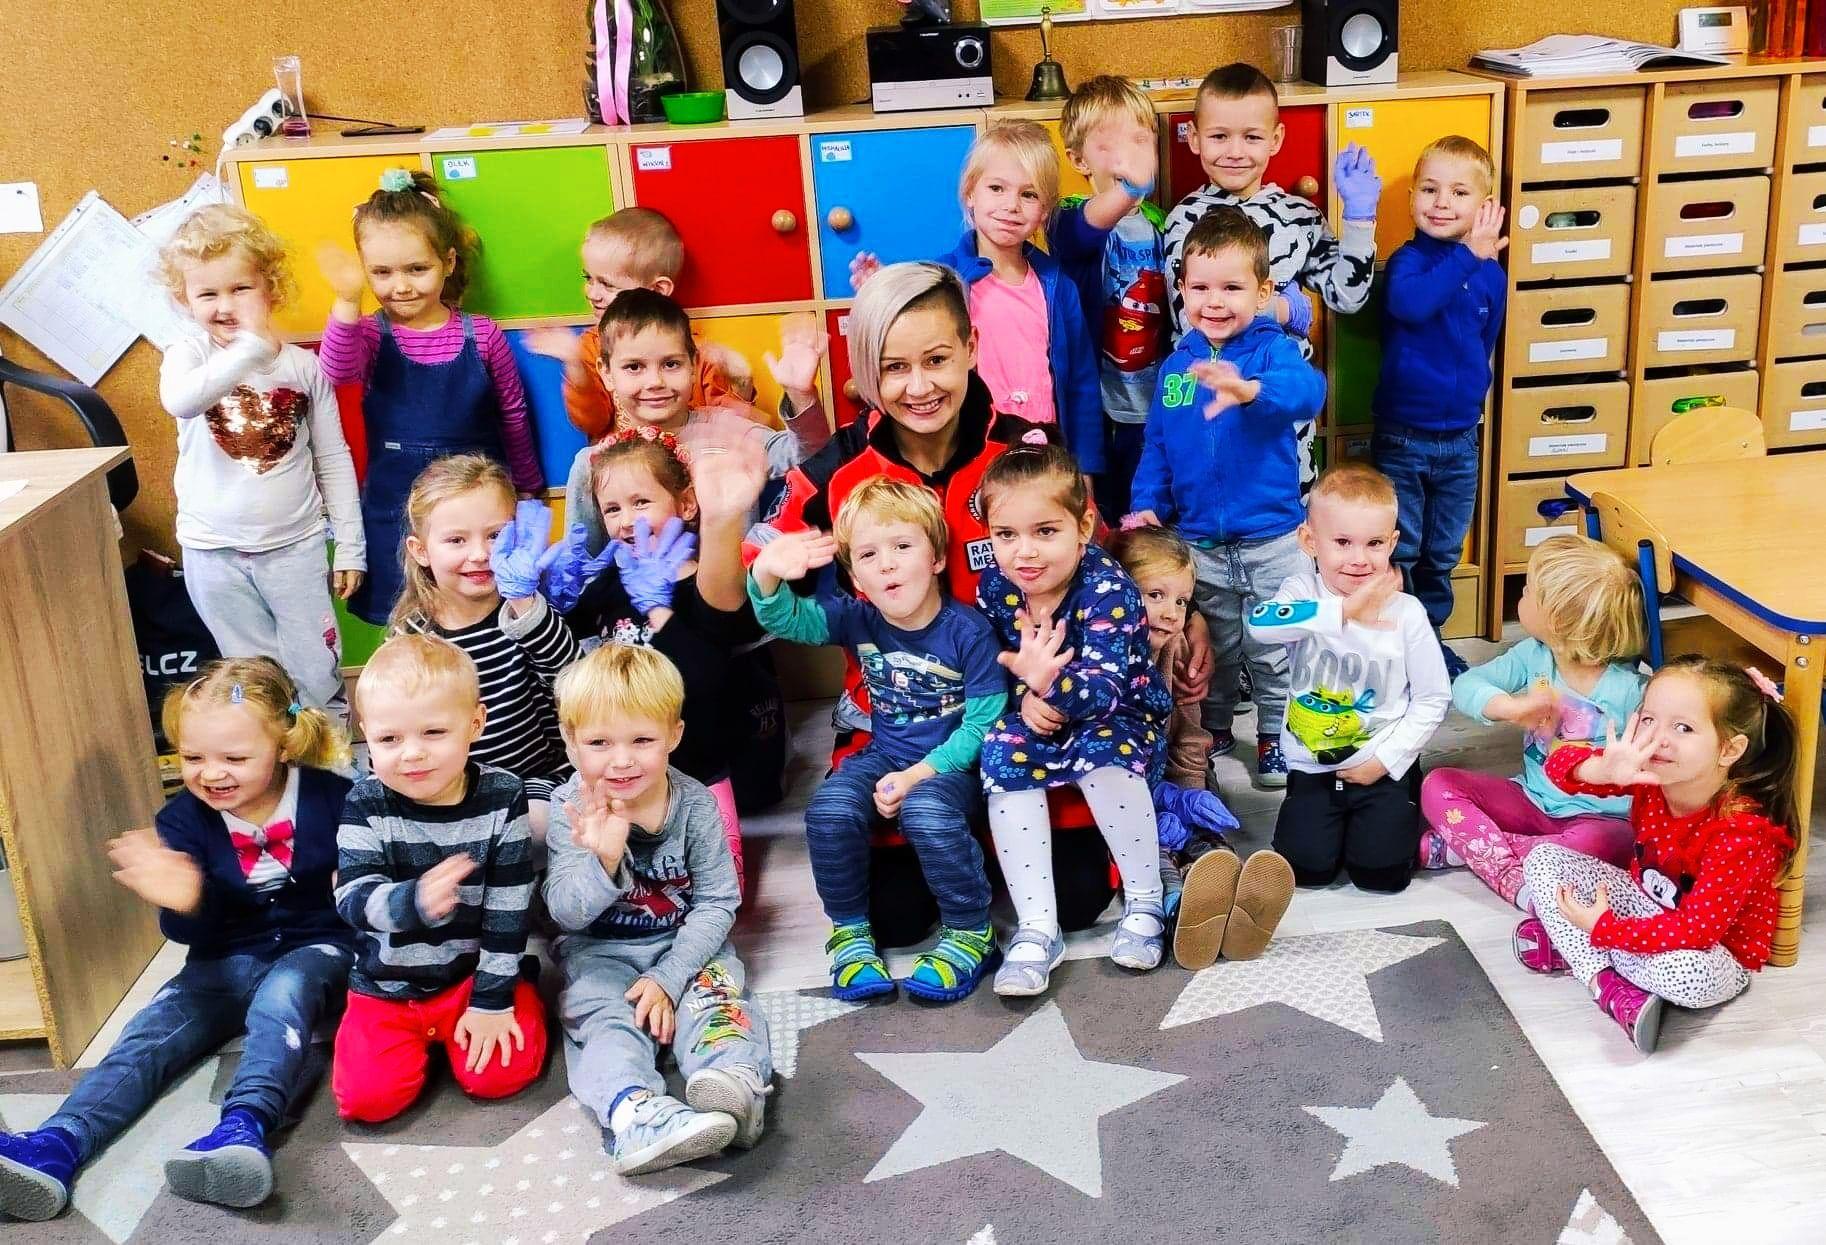 szkolenia pierwszej pomocy dla dzieci wrocław